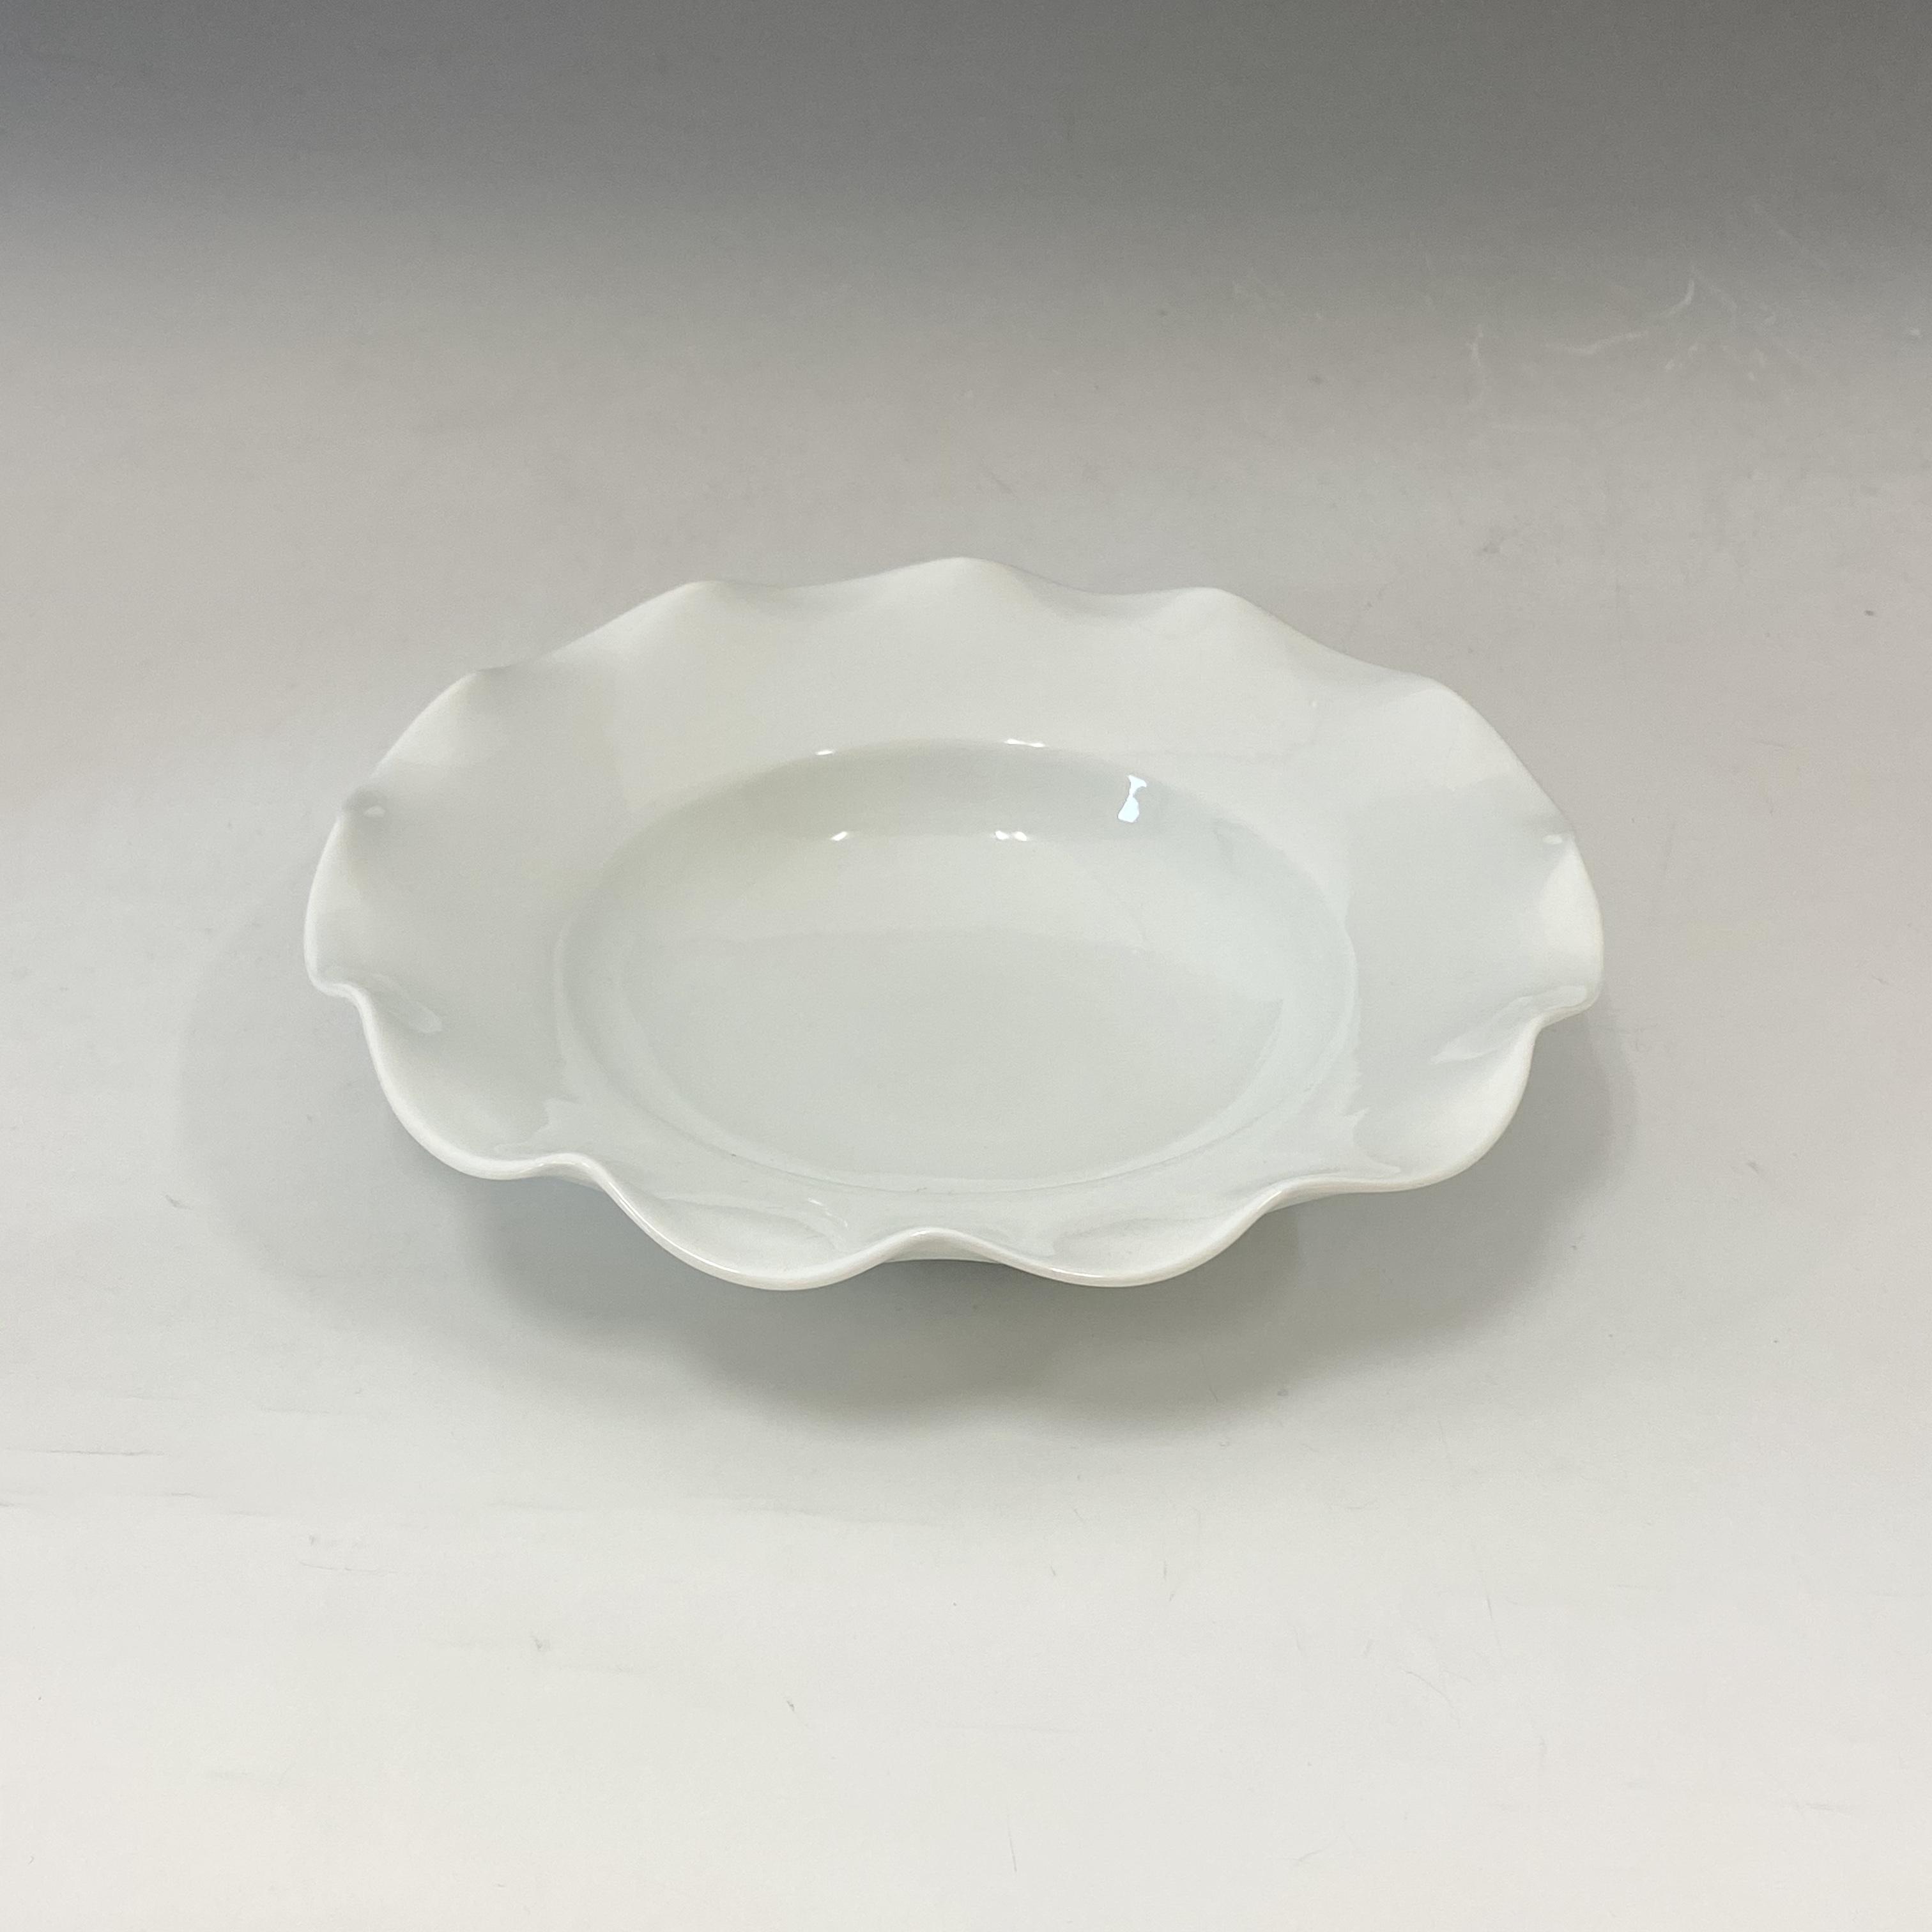 【中尾恭純】白磁ビラ鉢